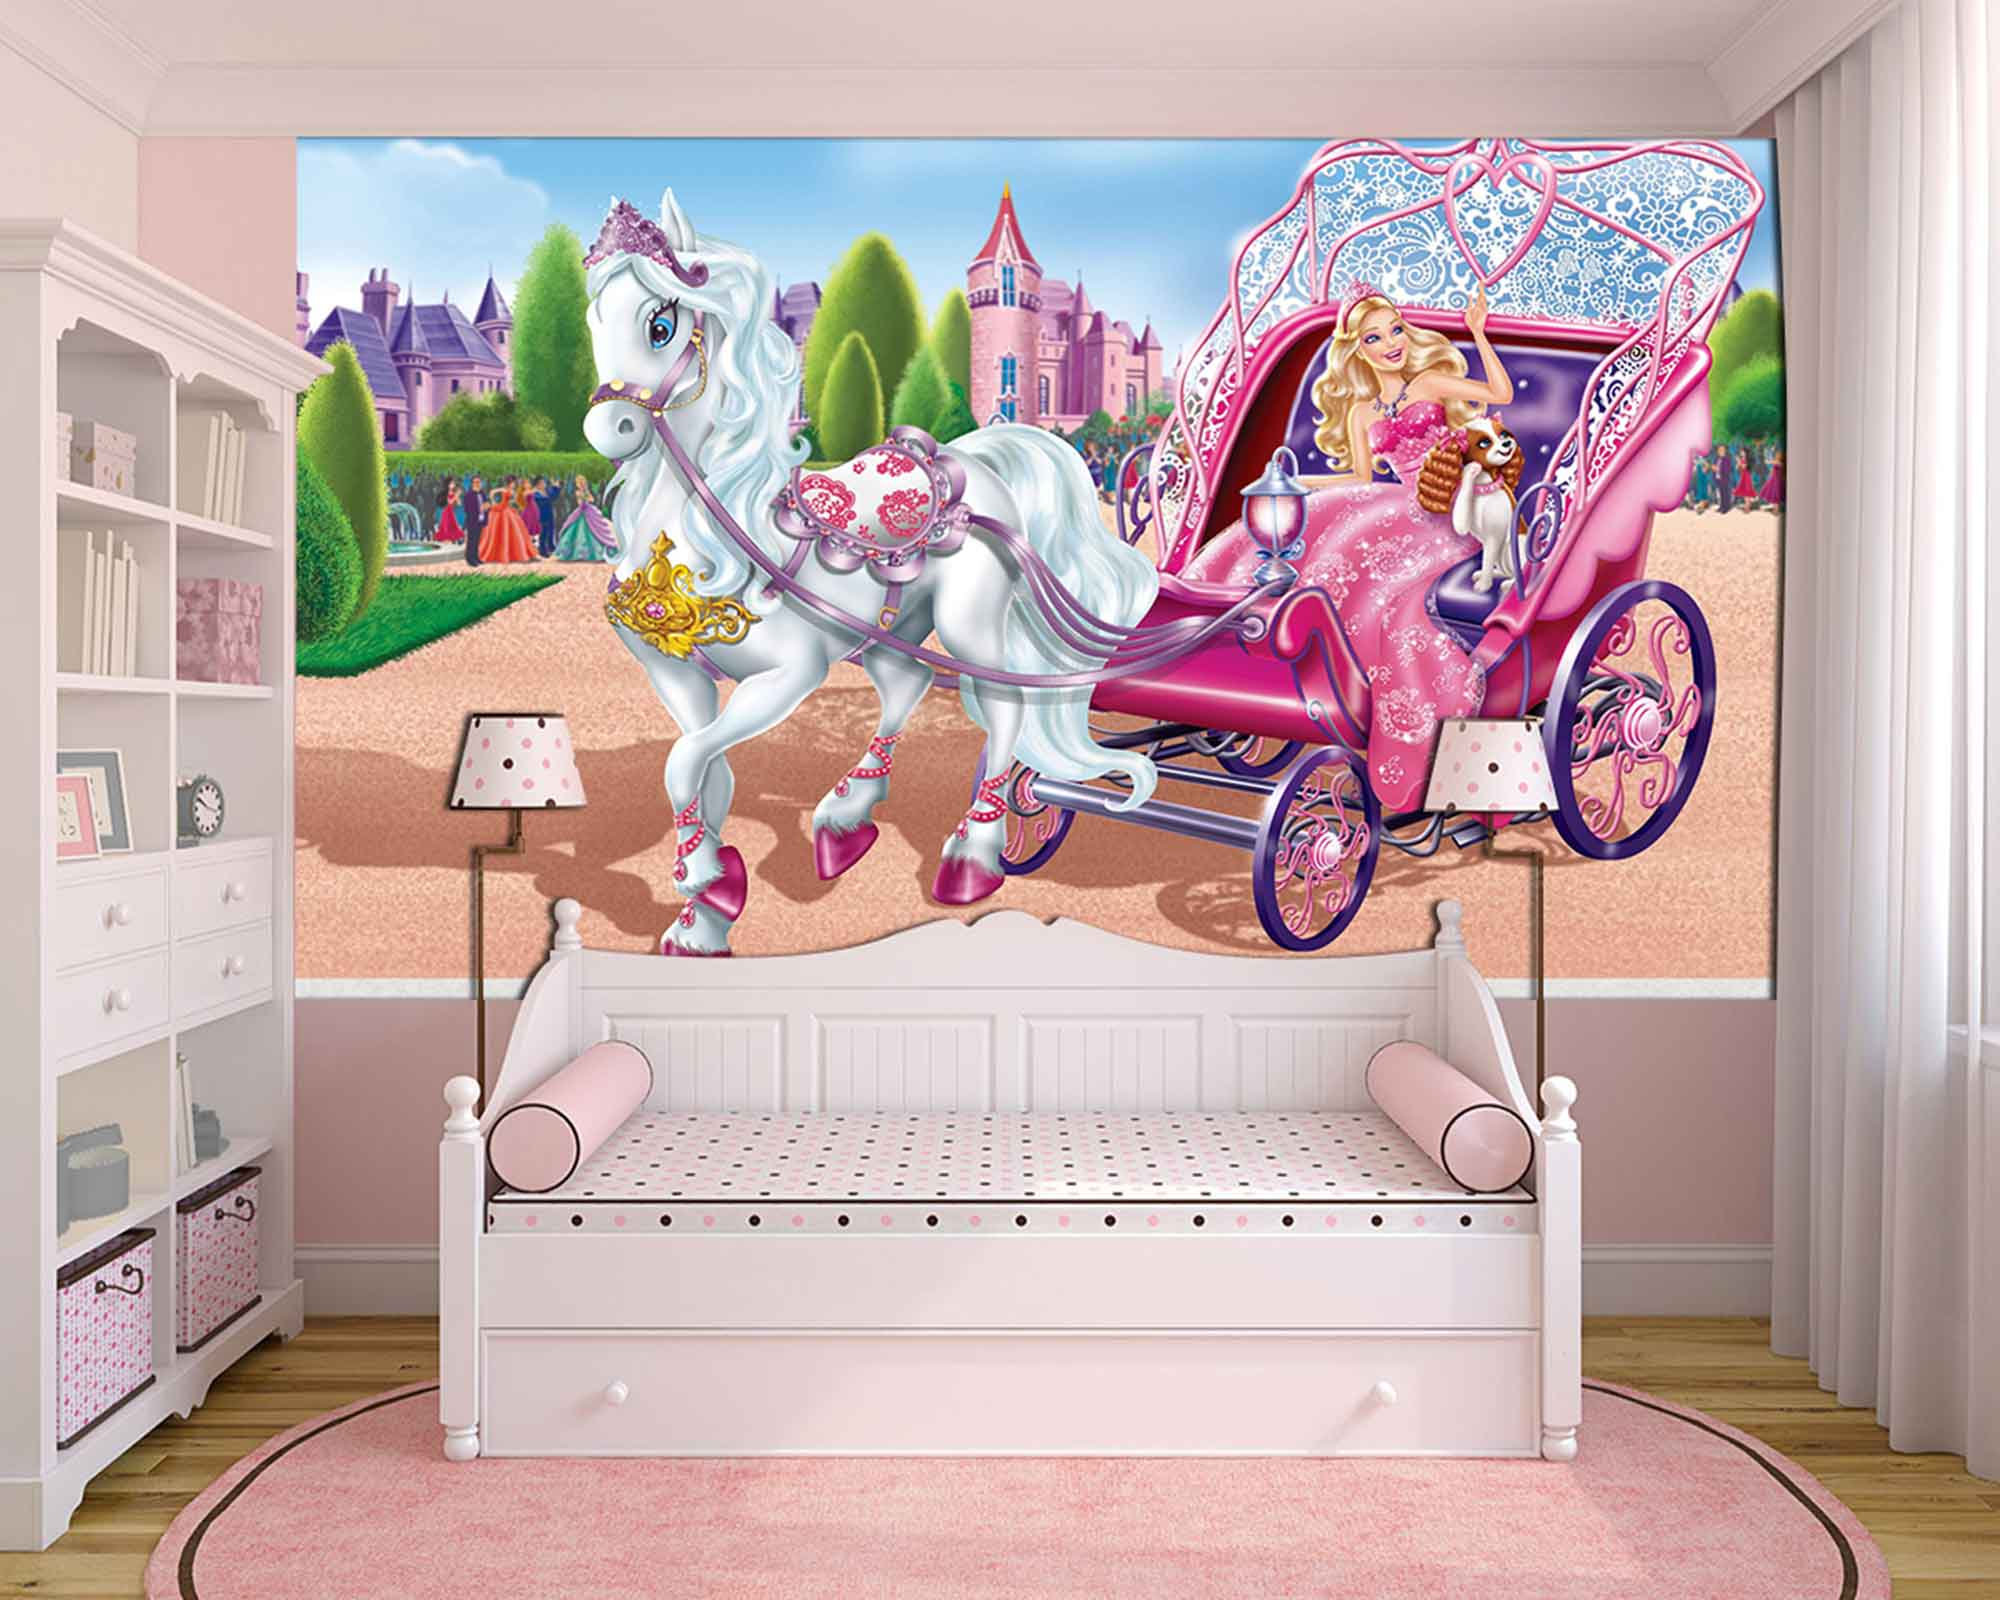 Papel De Parede 3D | Papel de Parede Infantil Barbie 0001 - Sobmedida: m²